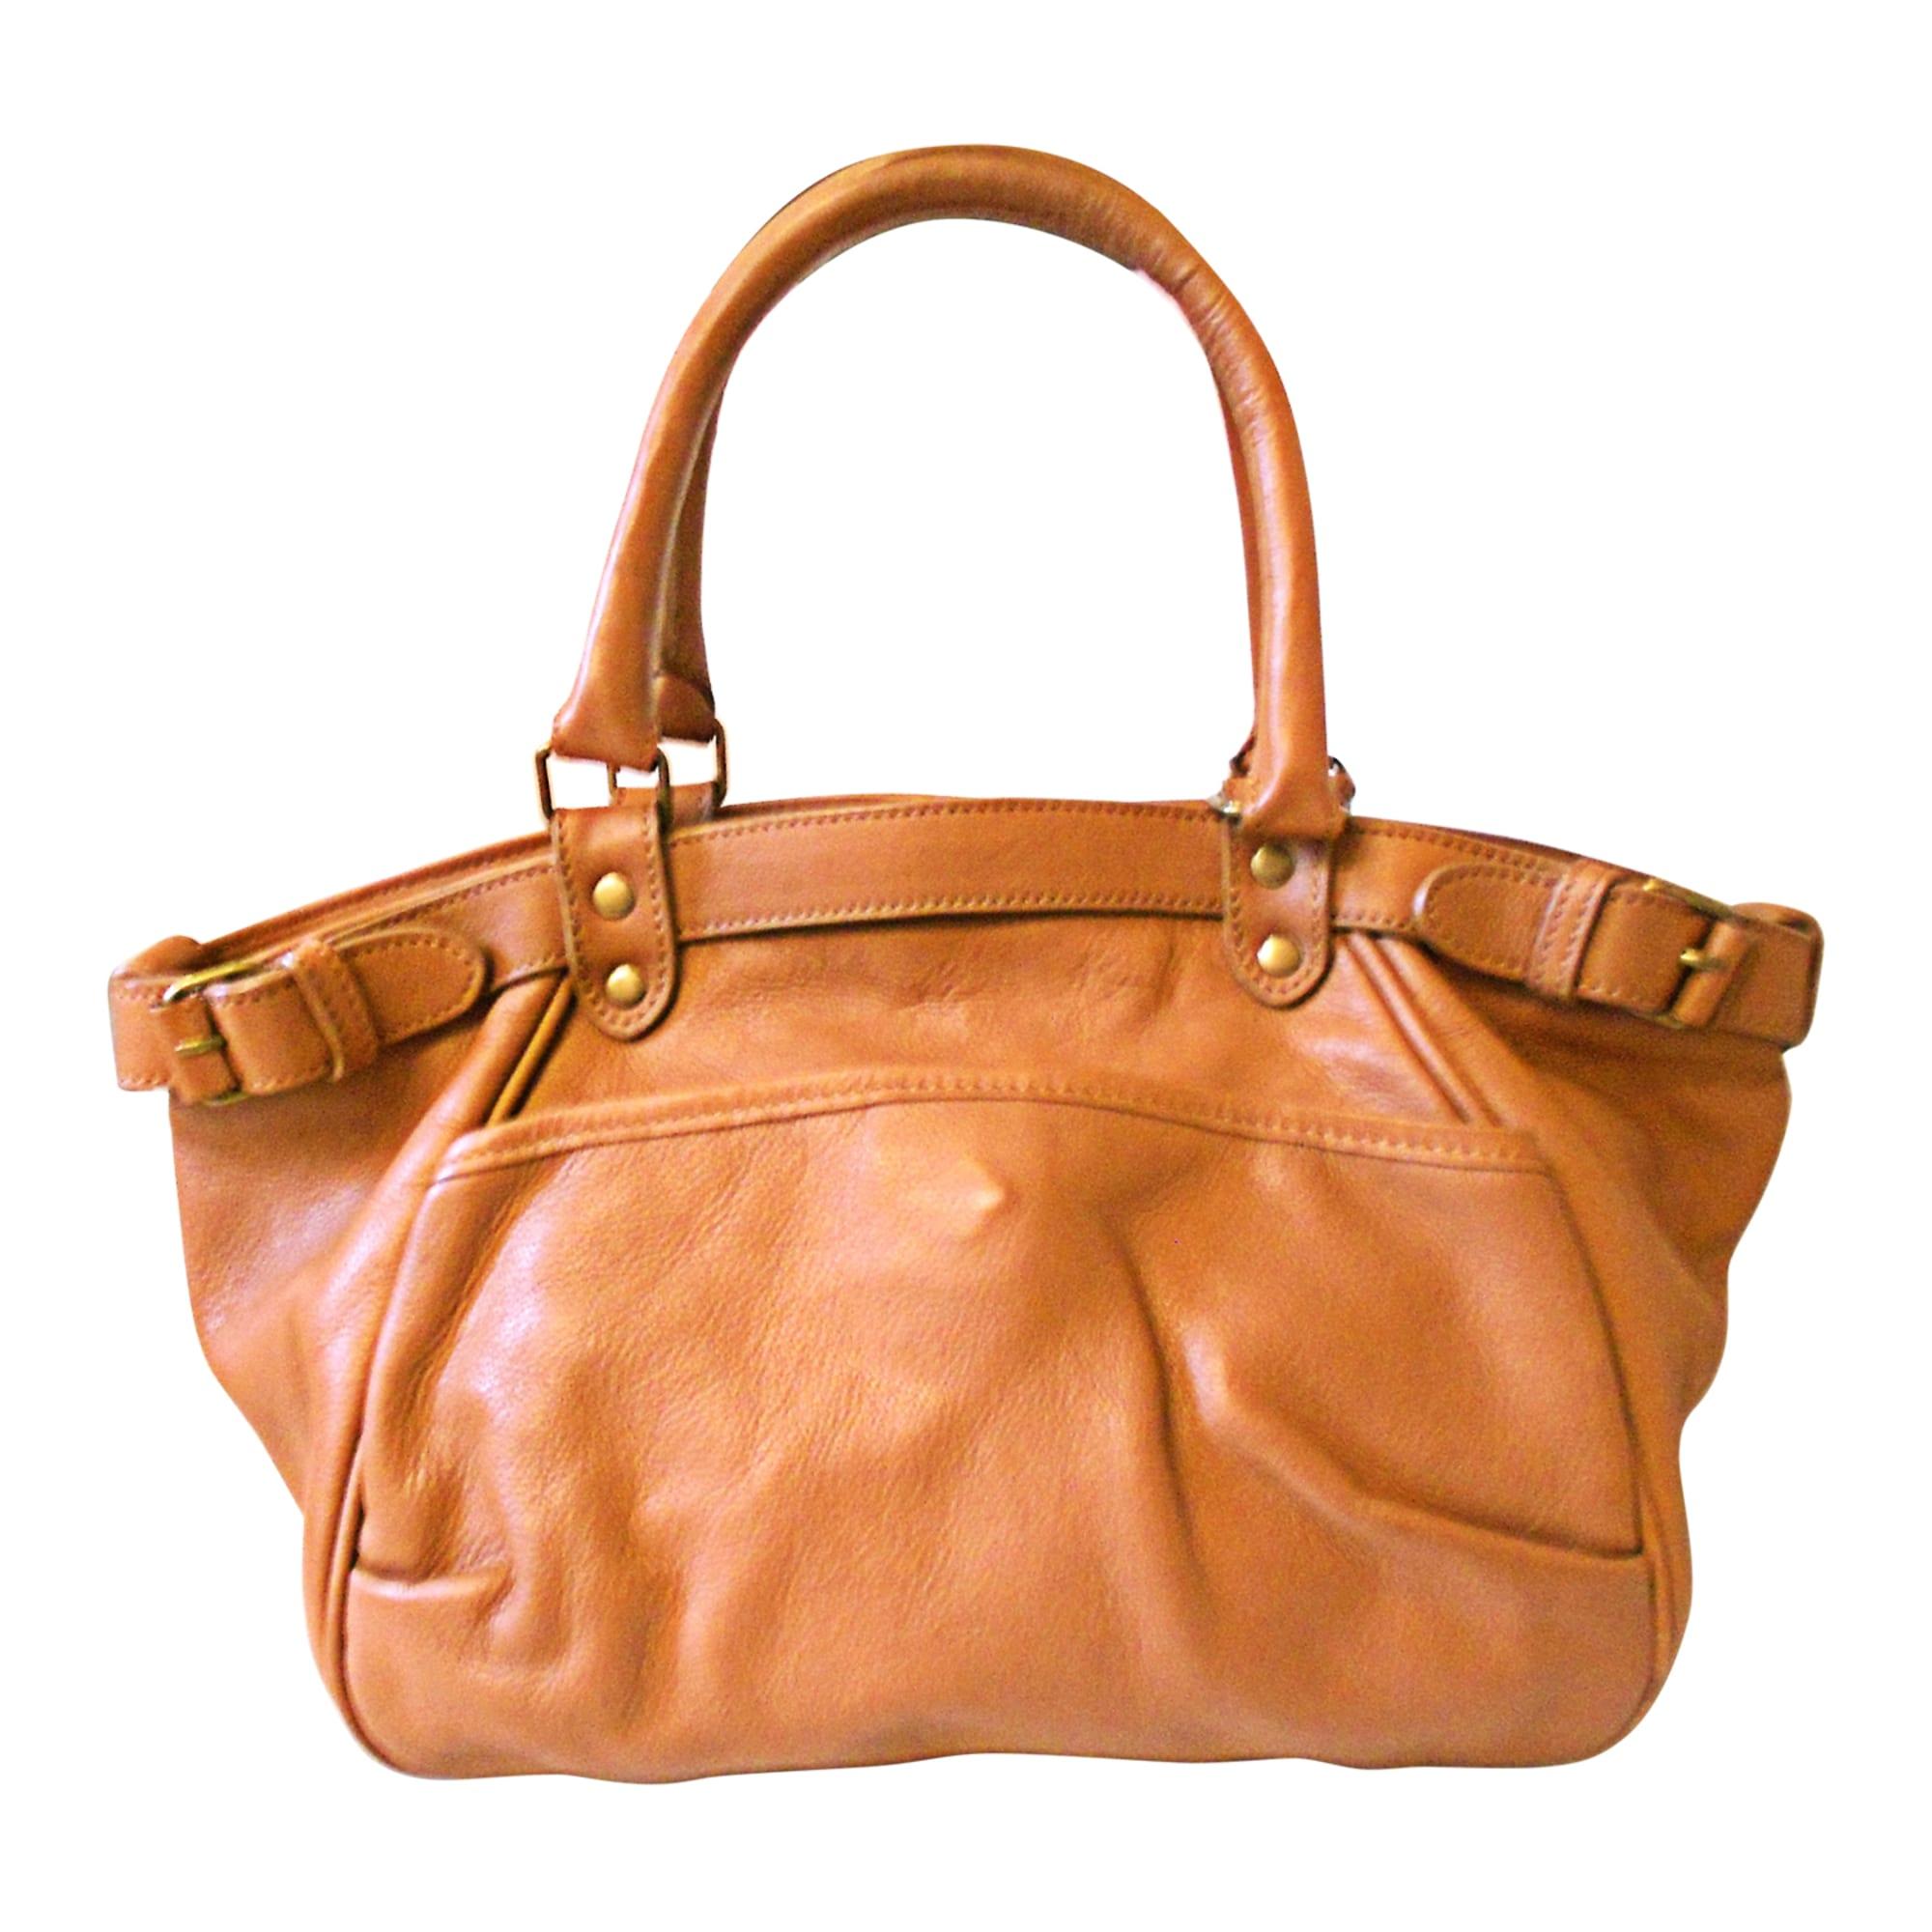 51fa6e77fe Sac à main en cuir VANESSA BRUNO marron vendu par Maryse 250366 ...